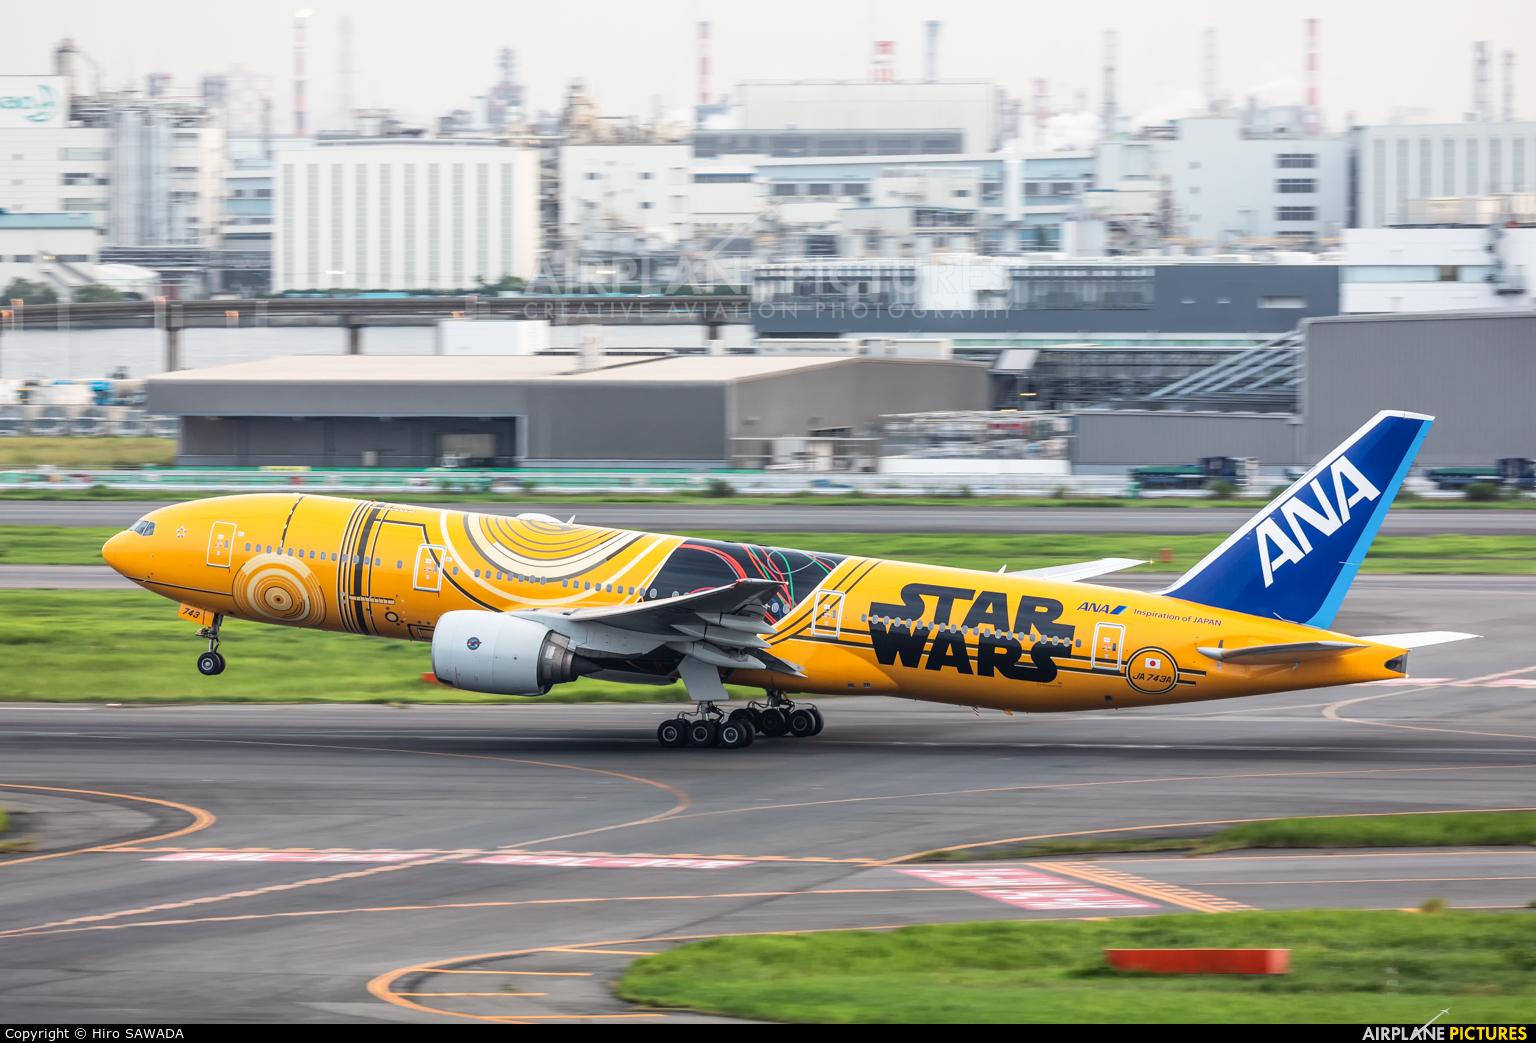 ANA - All Nippon Airways JA743A aircraft at Tokyo - Haneda Intl